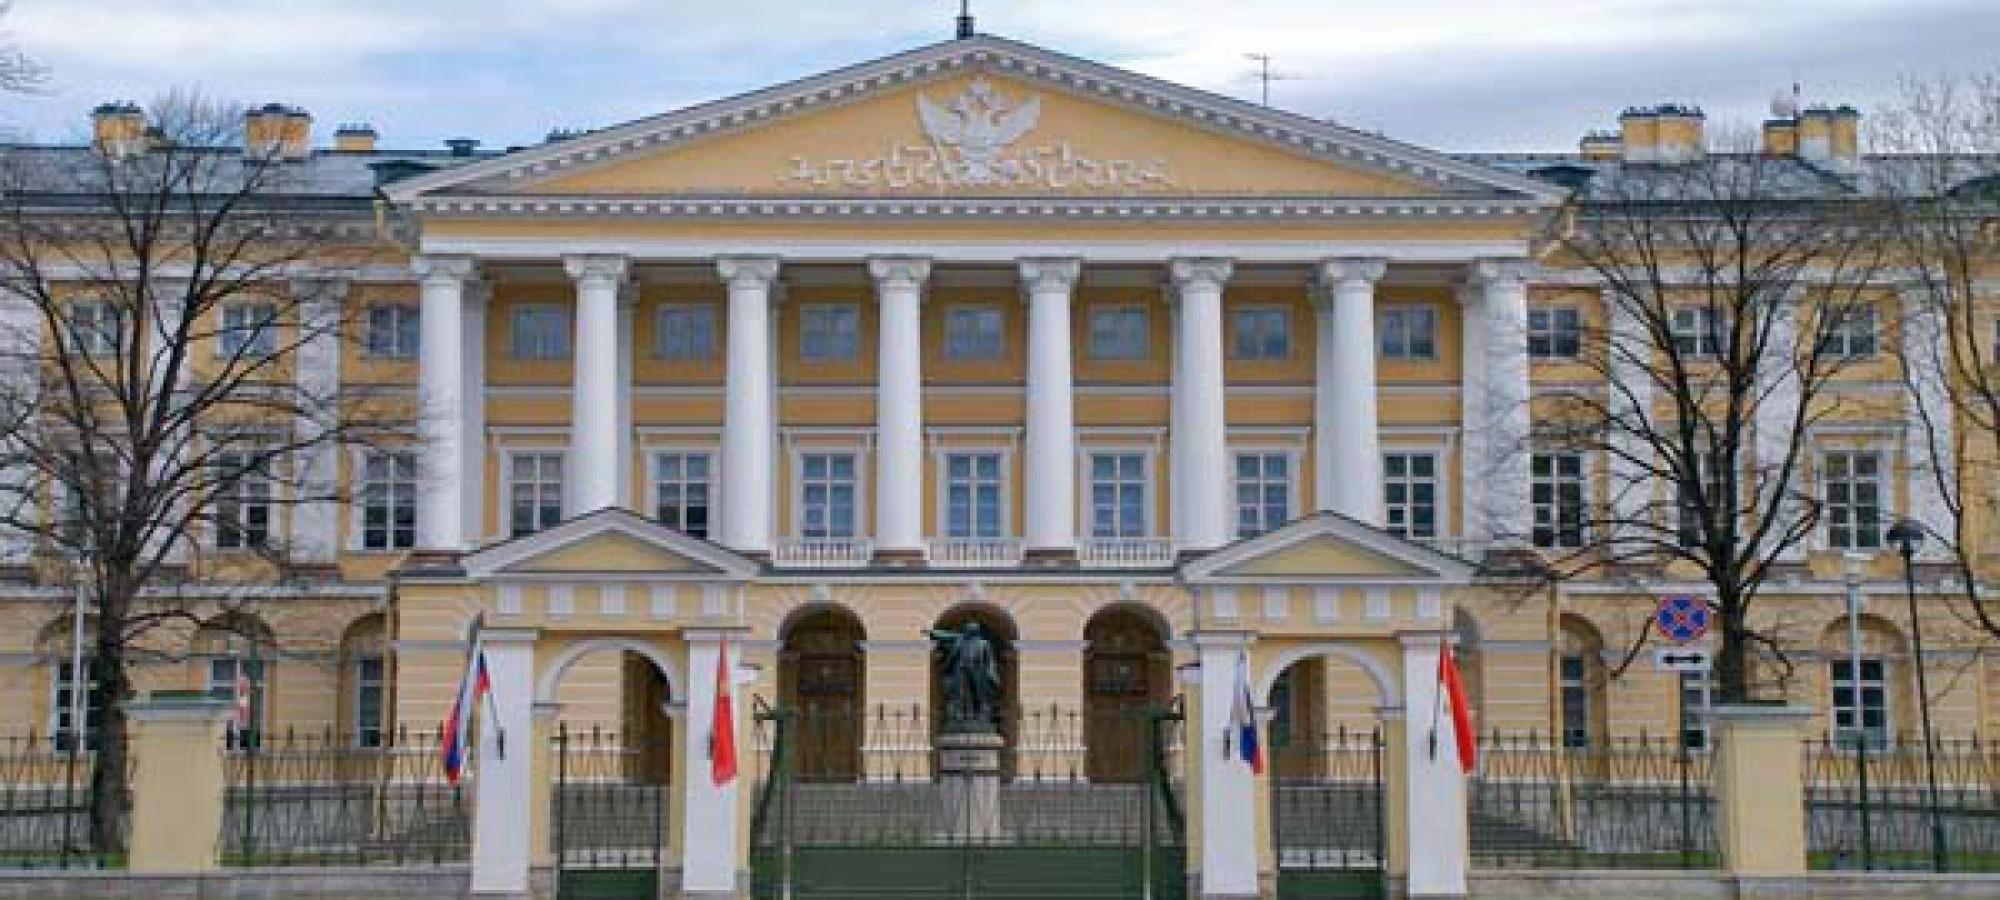 Выставочный зал Правительства Ленинградской области «Смольный»